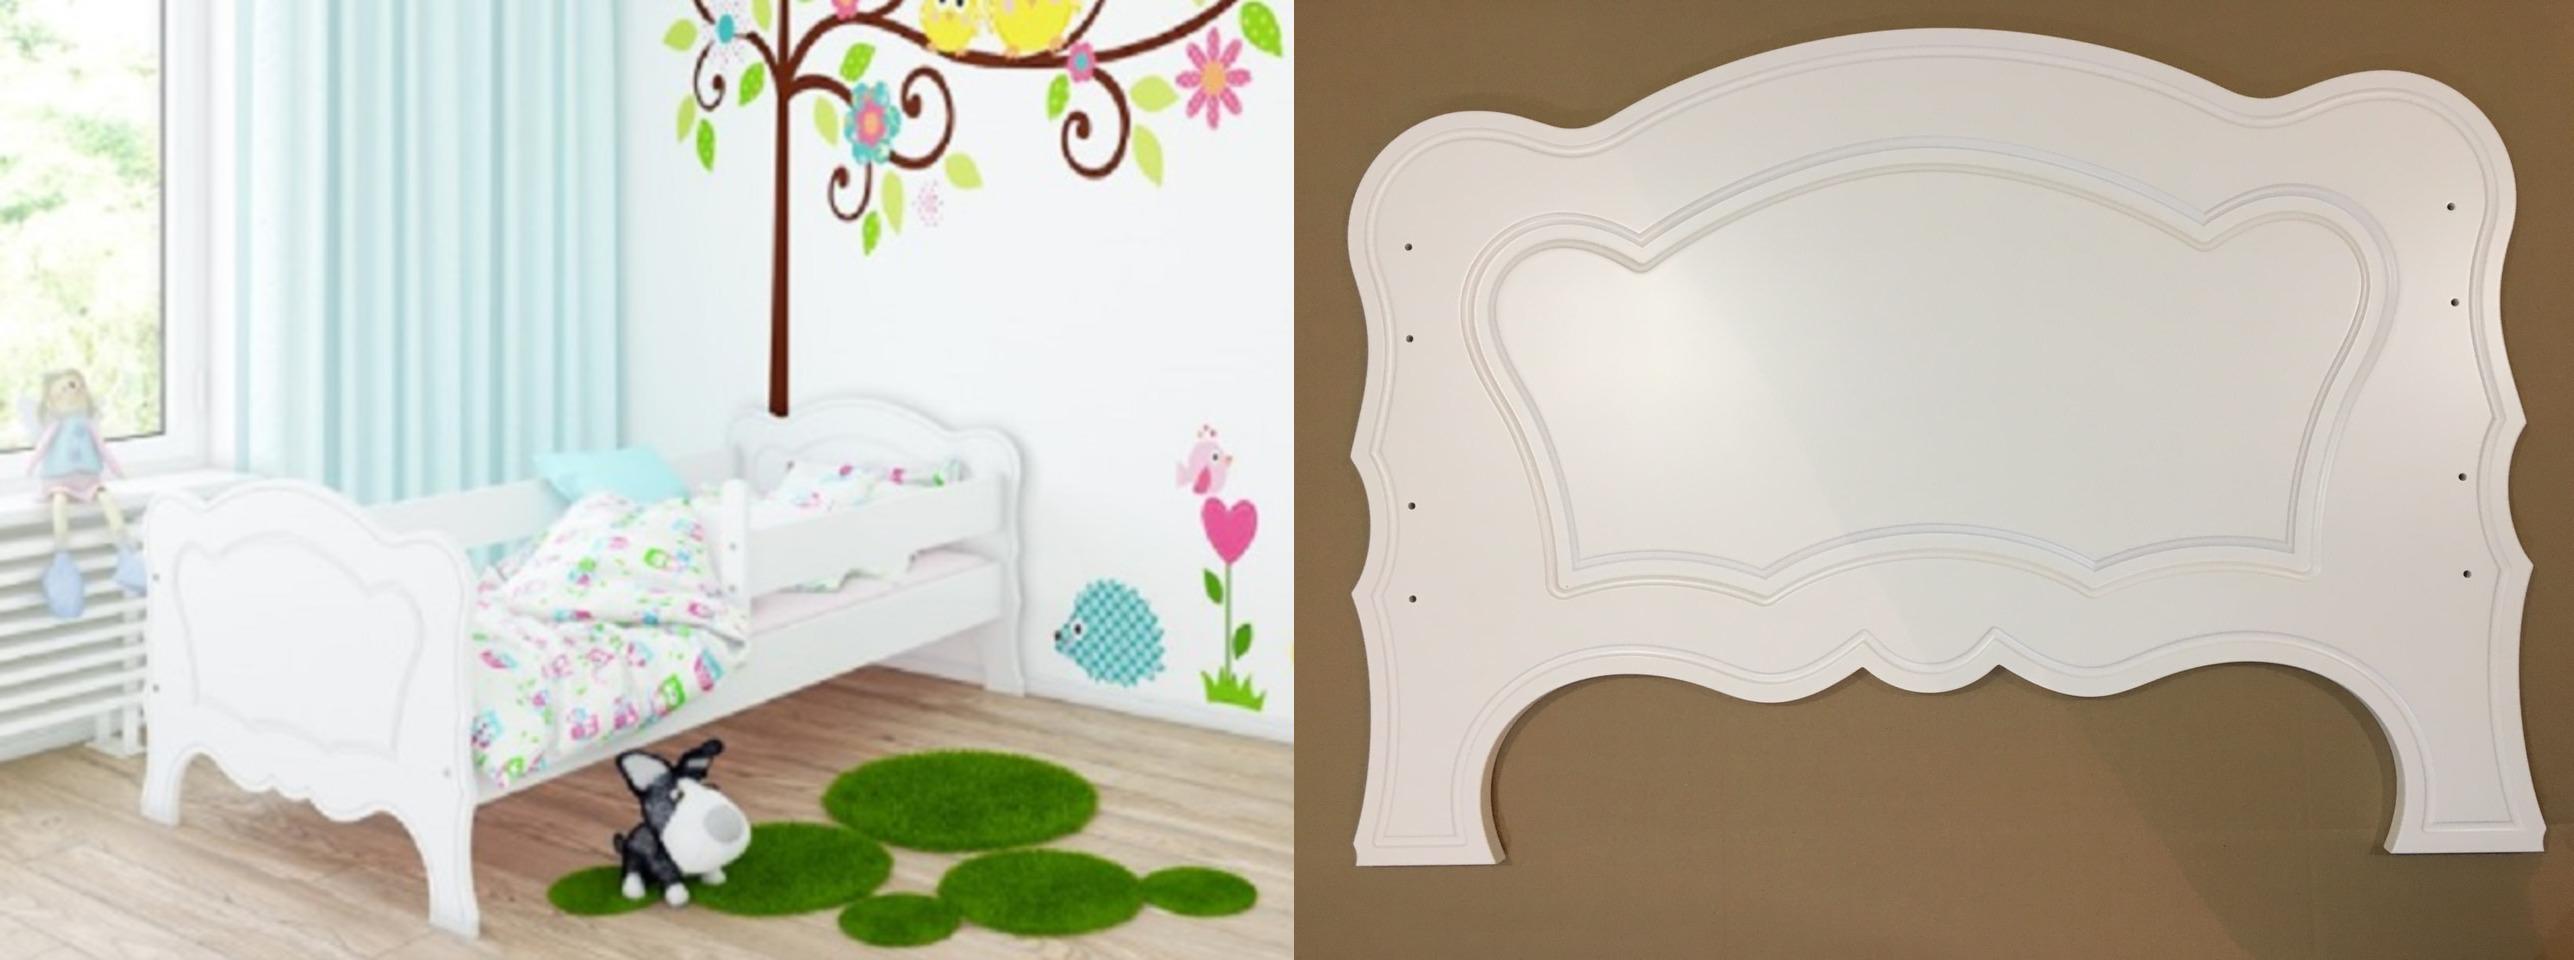 Кровать детская  Мико 1600х800 с бортиками